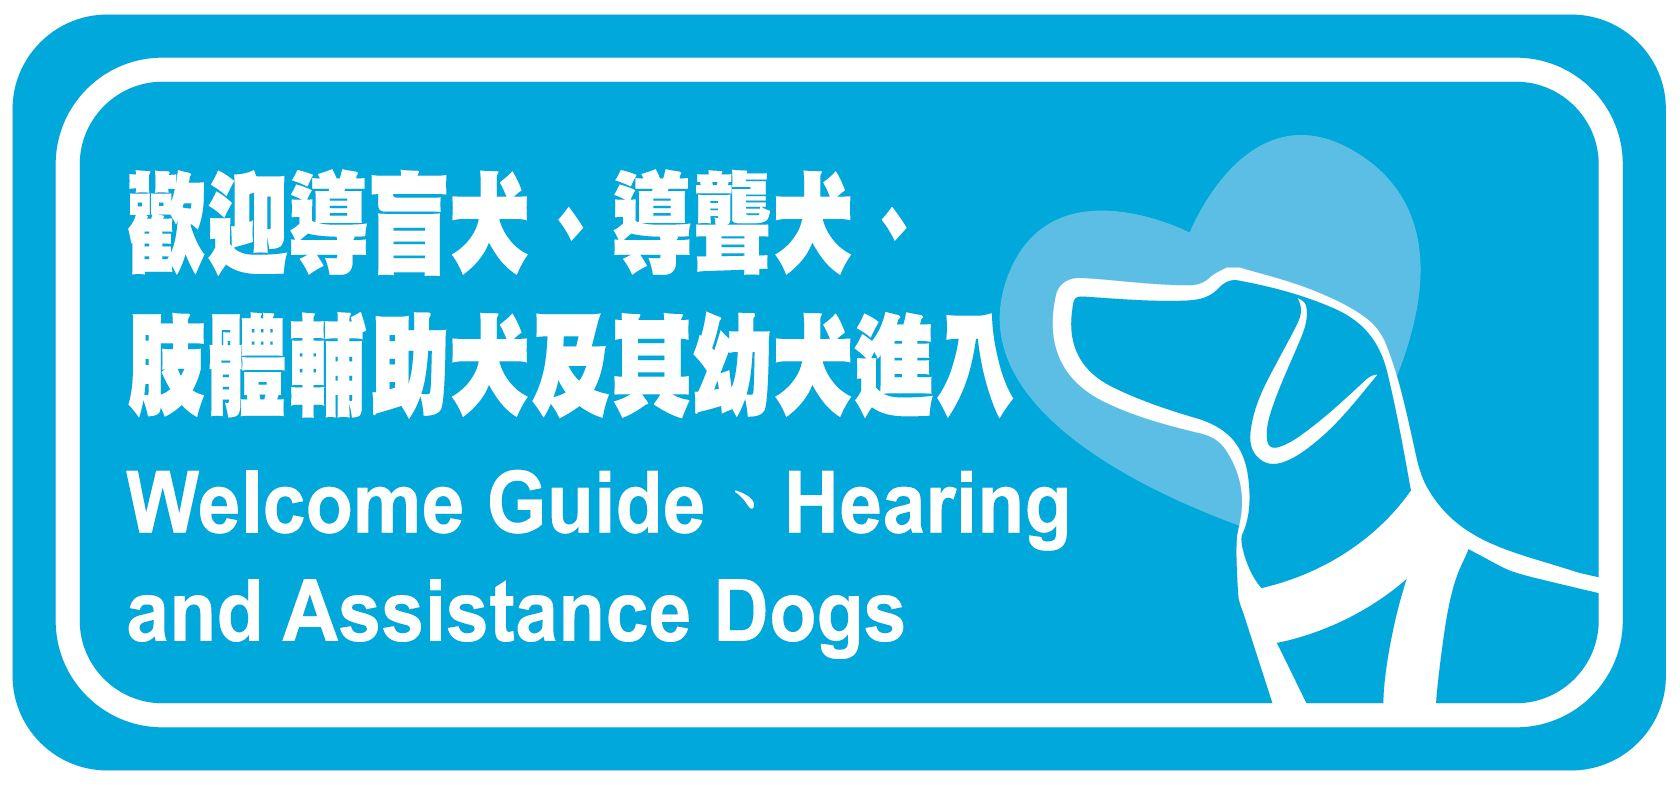 本活動歡迎導盲犬進入標章